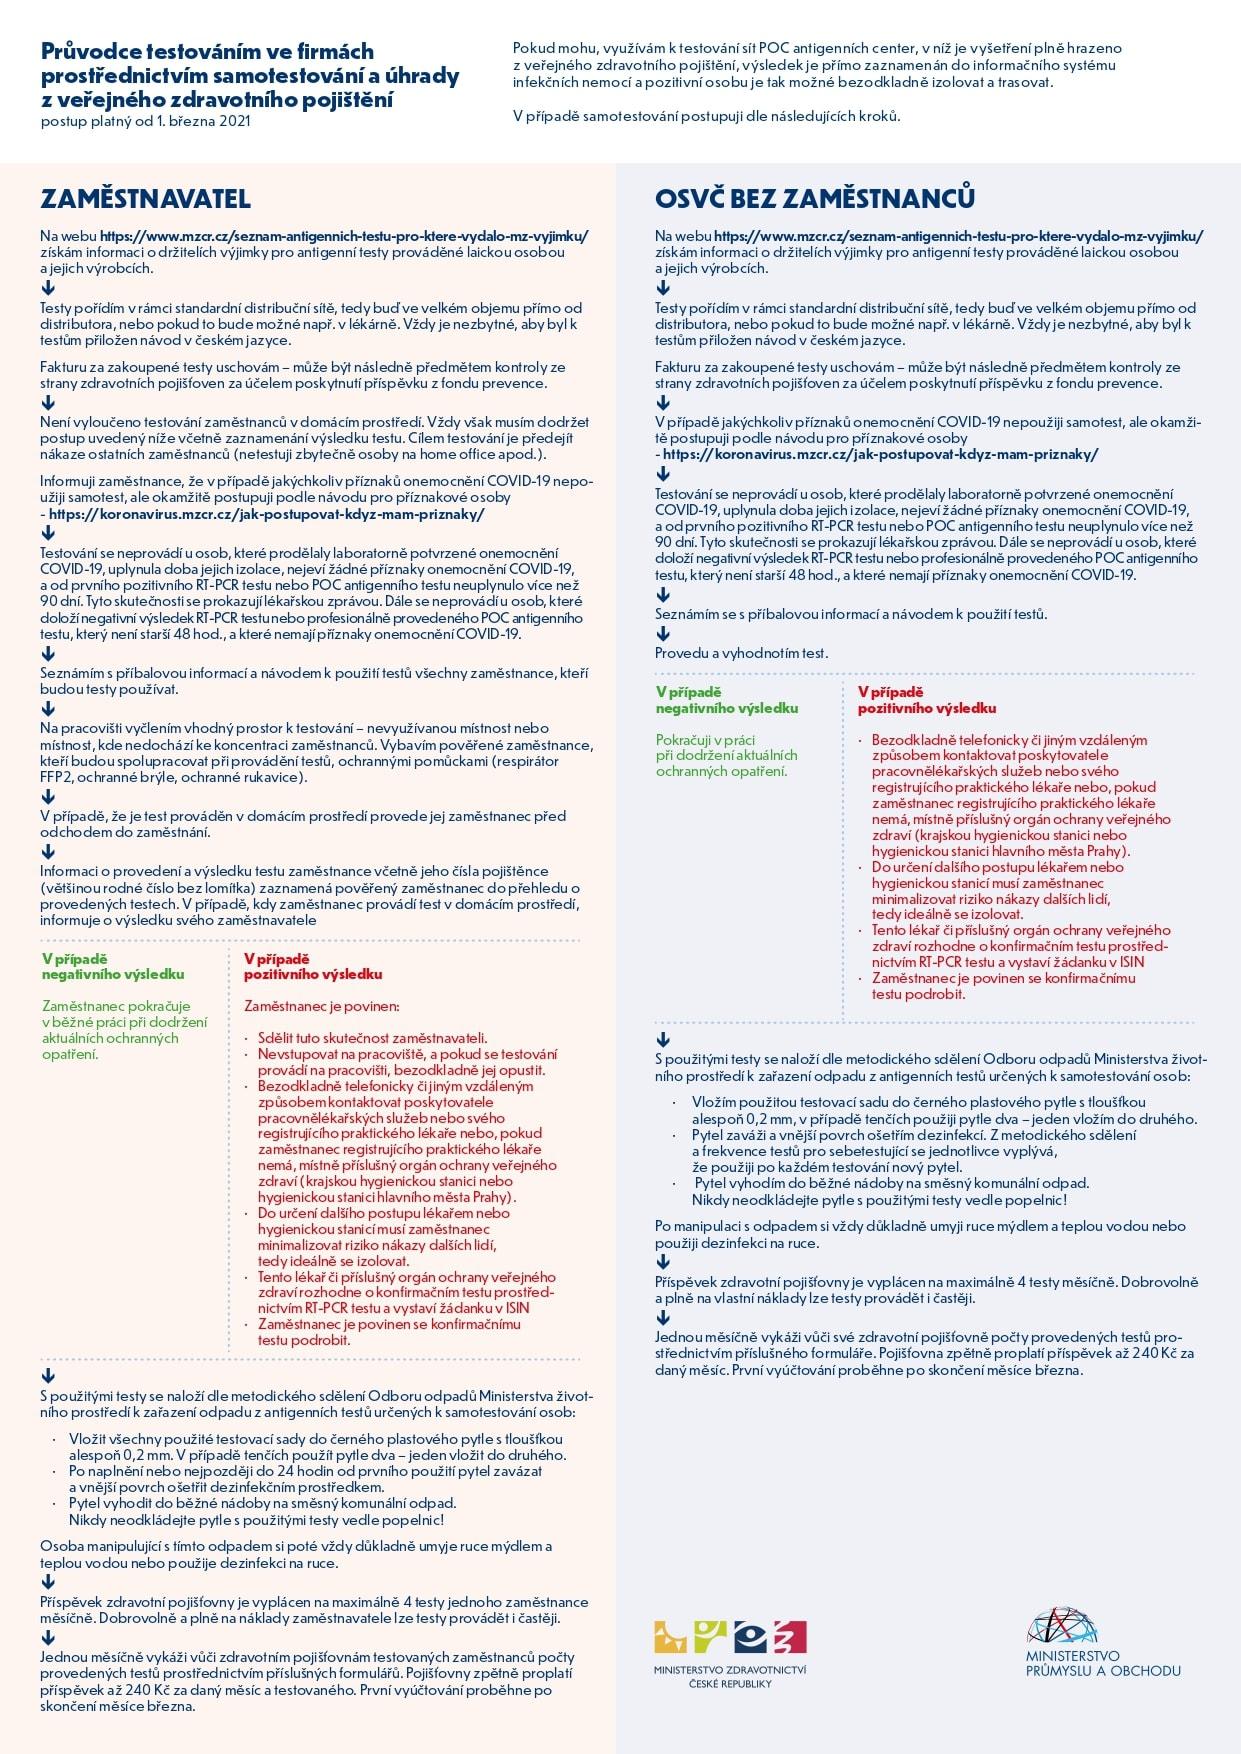 Pruvodce testovanim page 0001